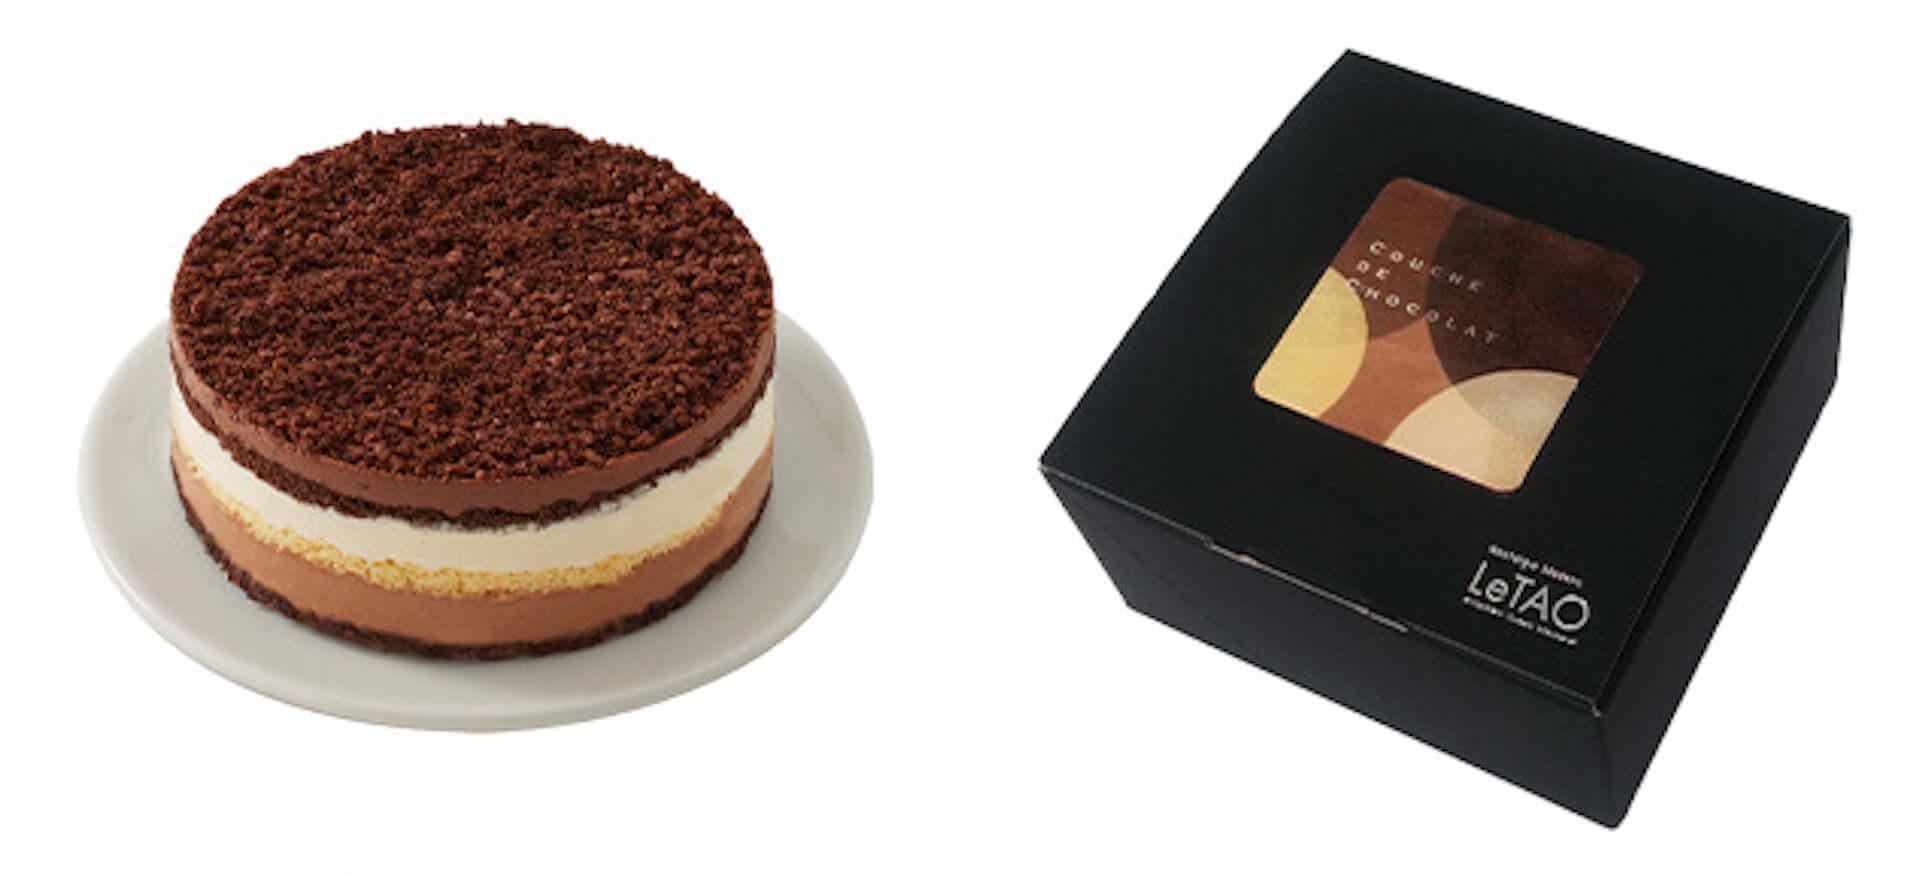 豪華7層のチョコレートケーキ『クーシュドショコラ』が小樽洋菓子舗ルタオから登場!バレンタイン期間限定で販売中 gourmet210128_letao_4-1920x874